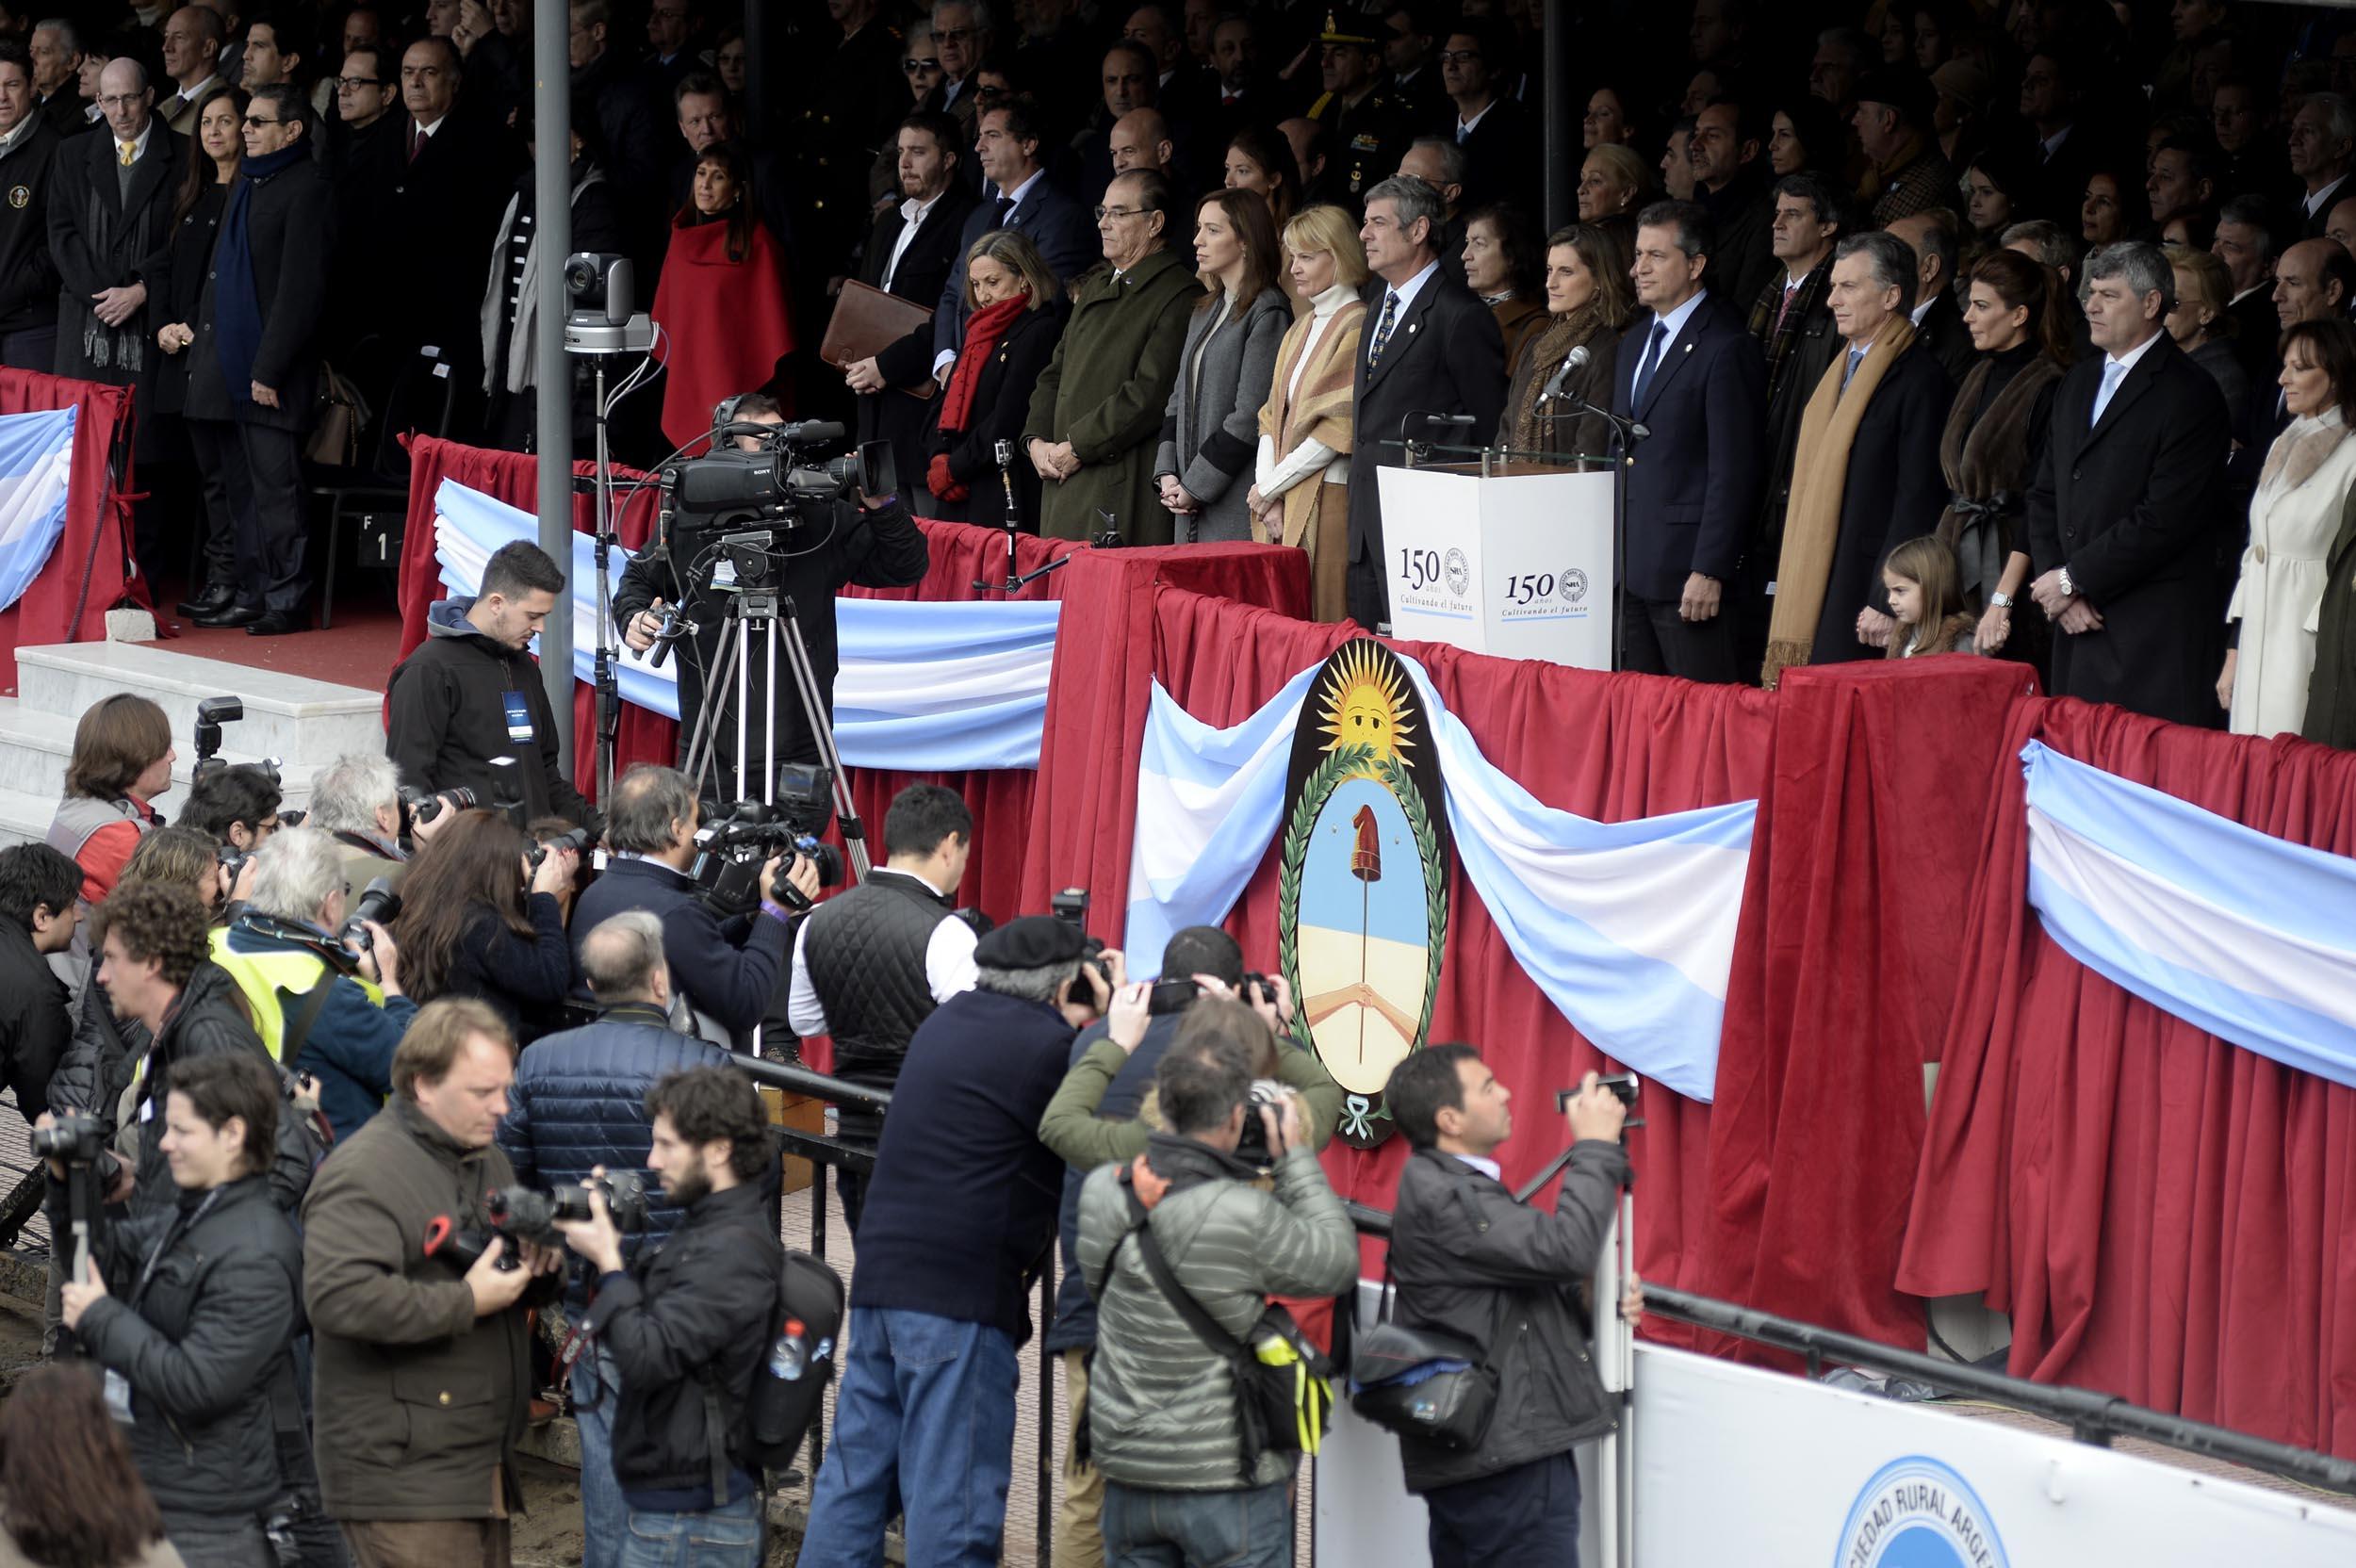 DYN804, BUENOS AIRES 30/07/2016, EL PRESIDENTE DE LA NACION MAURICIO MACRI ENCABEZA JUNTO AL PRESIDENTE DE LA SRA SR LUIS MIGUEL ETCHEVEHERE LA INAGURCION DE LA 130ª EXPOCICION DE GANADERIA E INDUSTRIA NACIONAL EN EL PREDIO DE LA RURAL DE PALERMO.FOTO:DYN/RODOLFO PEZZONI.